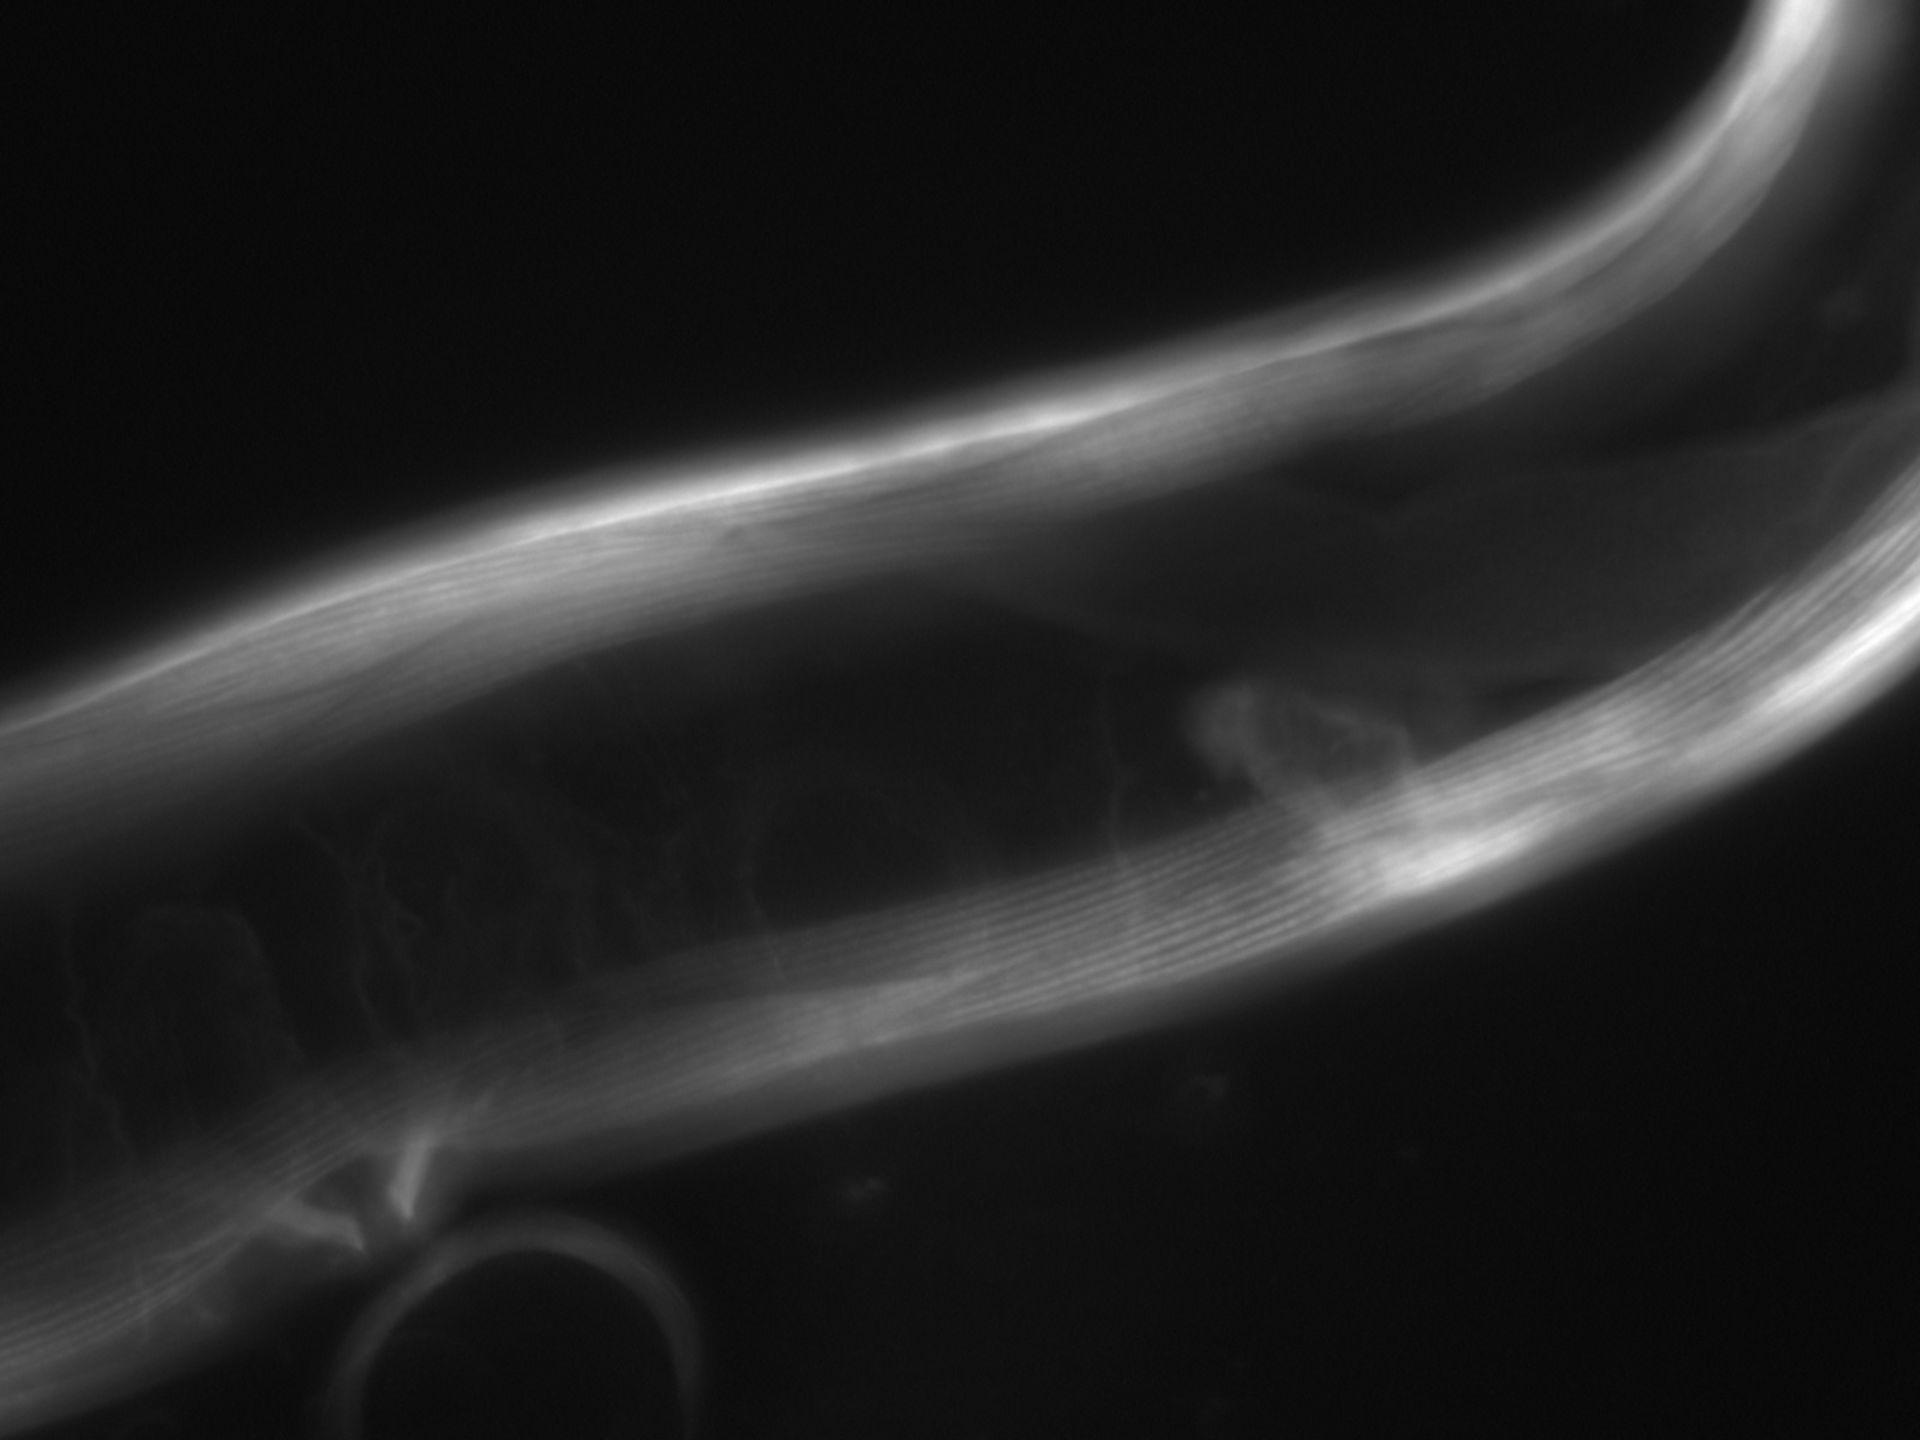 Caenorhabditis elegans (Actin filament) - CIL:1062